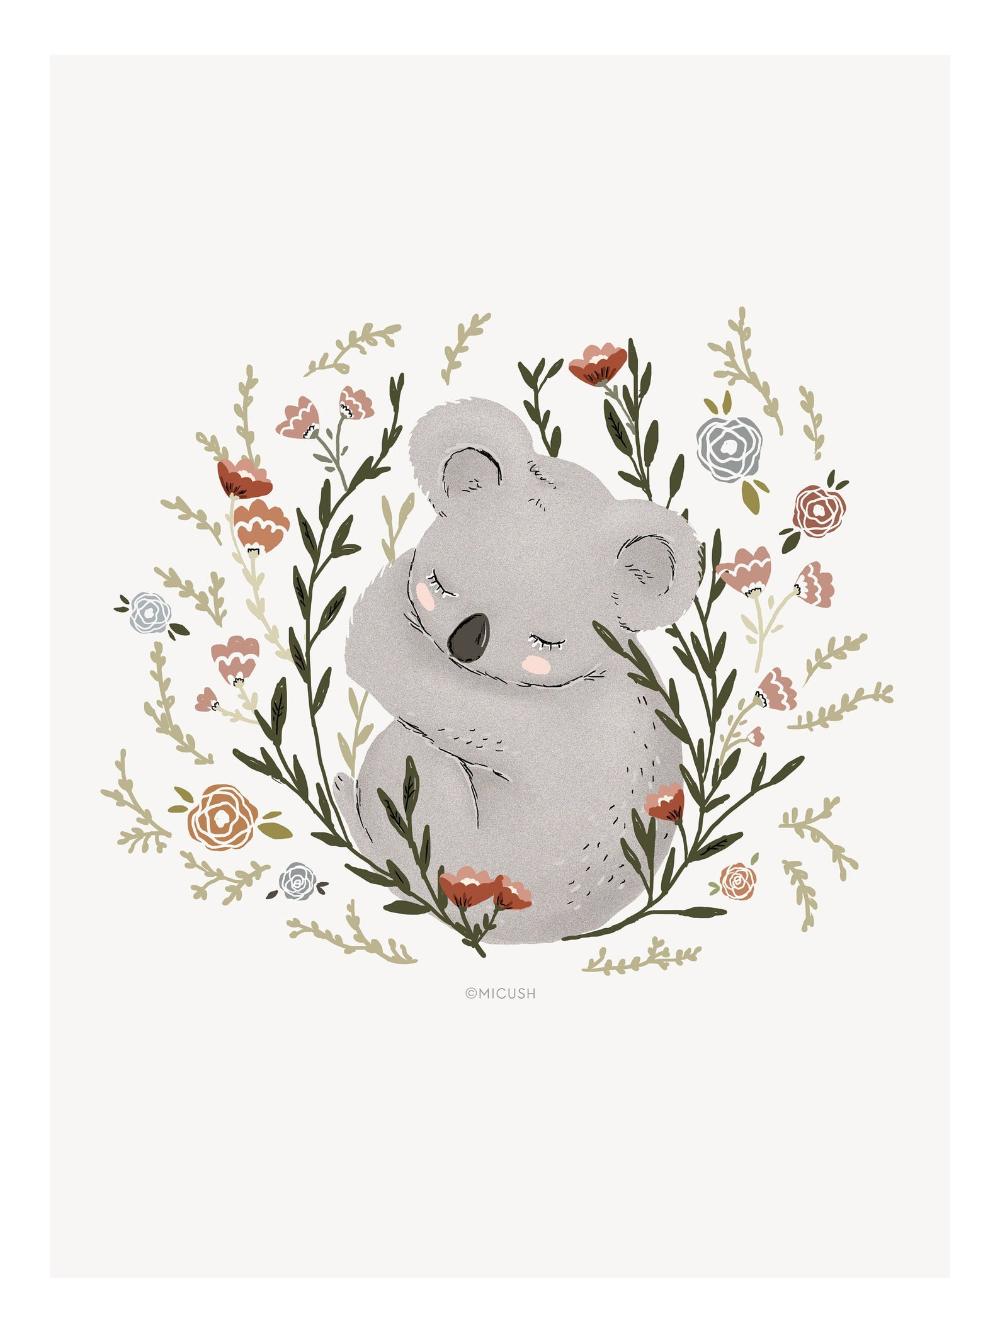 картинка коала с лисой органы долго хотели